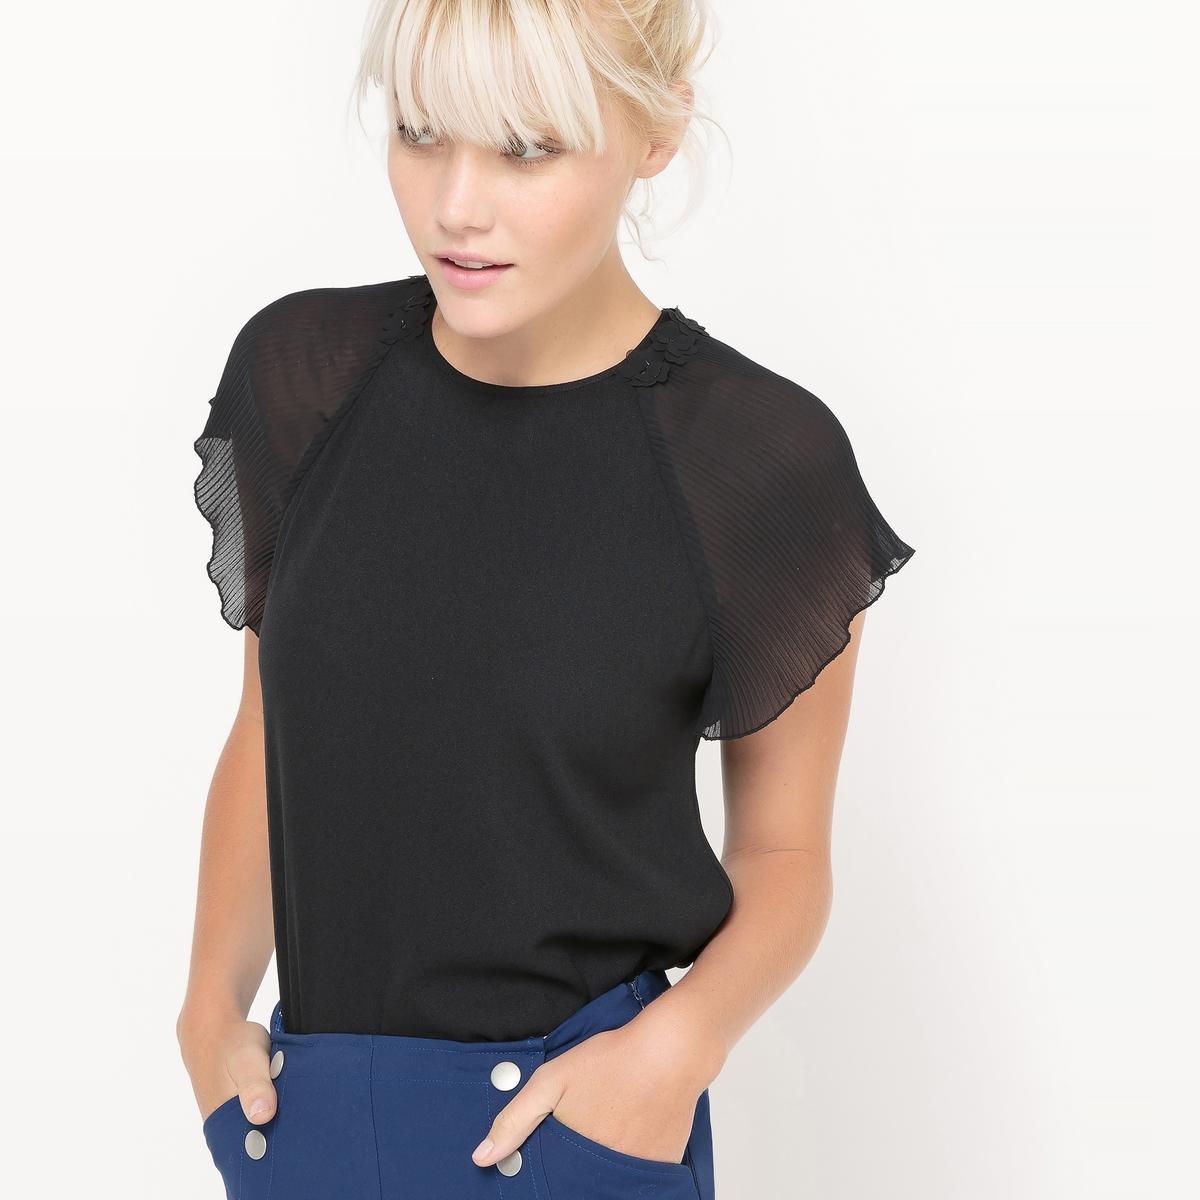 Блузка с короткими рукавами с плиссировкой, цветы 3D на воротнике блузка кружевная с короткими рукавами